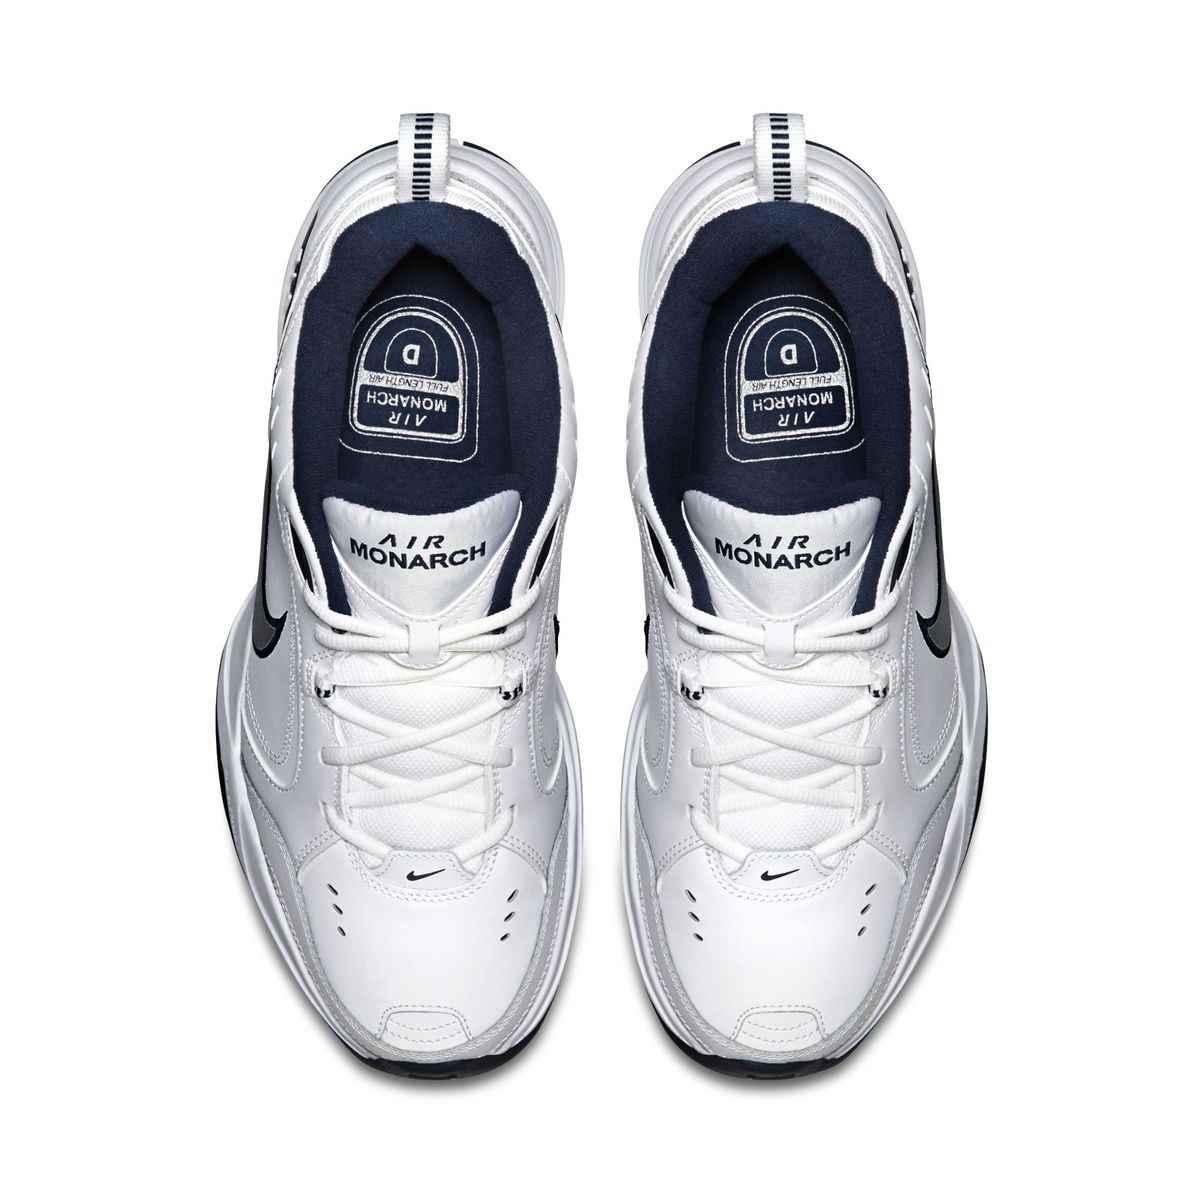 Transpirables Correr Air Iv Al Oficial Nike Novedad Para Deportes Monarch Hombre Zapatos Cómodos Zapatillas415445 Libre Aire H2E9bWDYeI